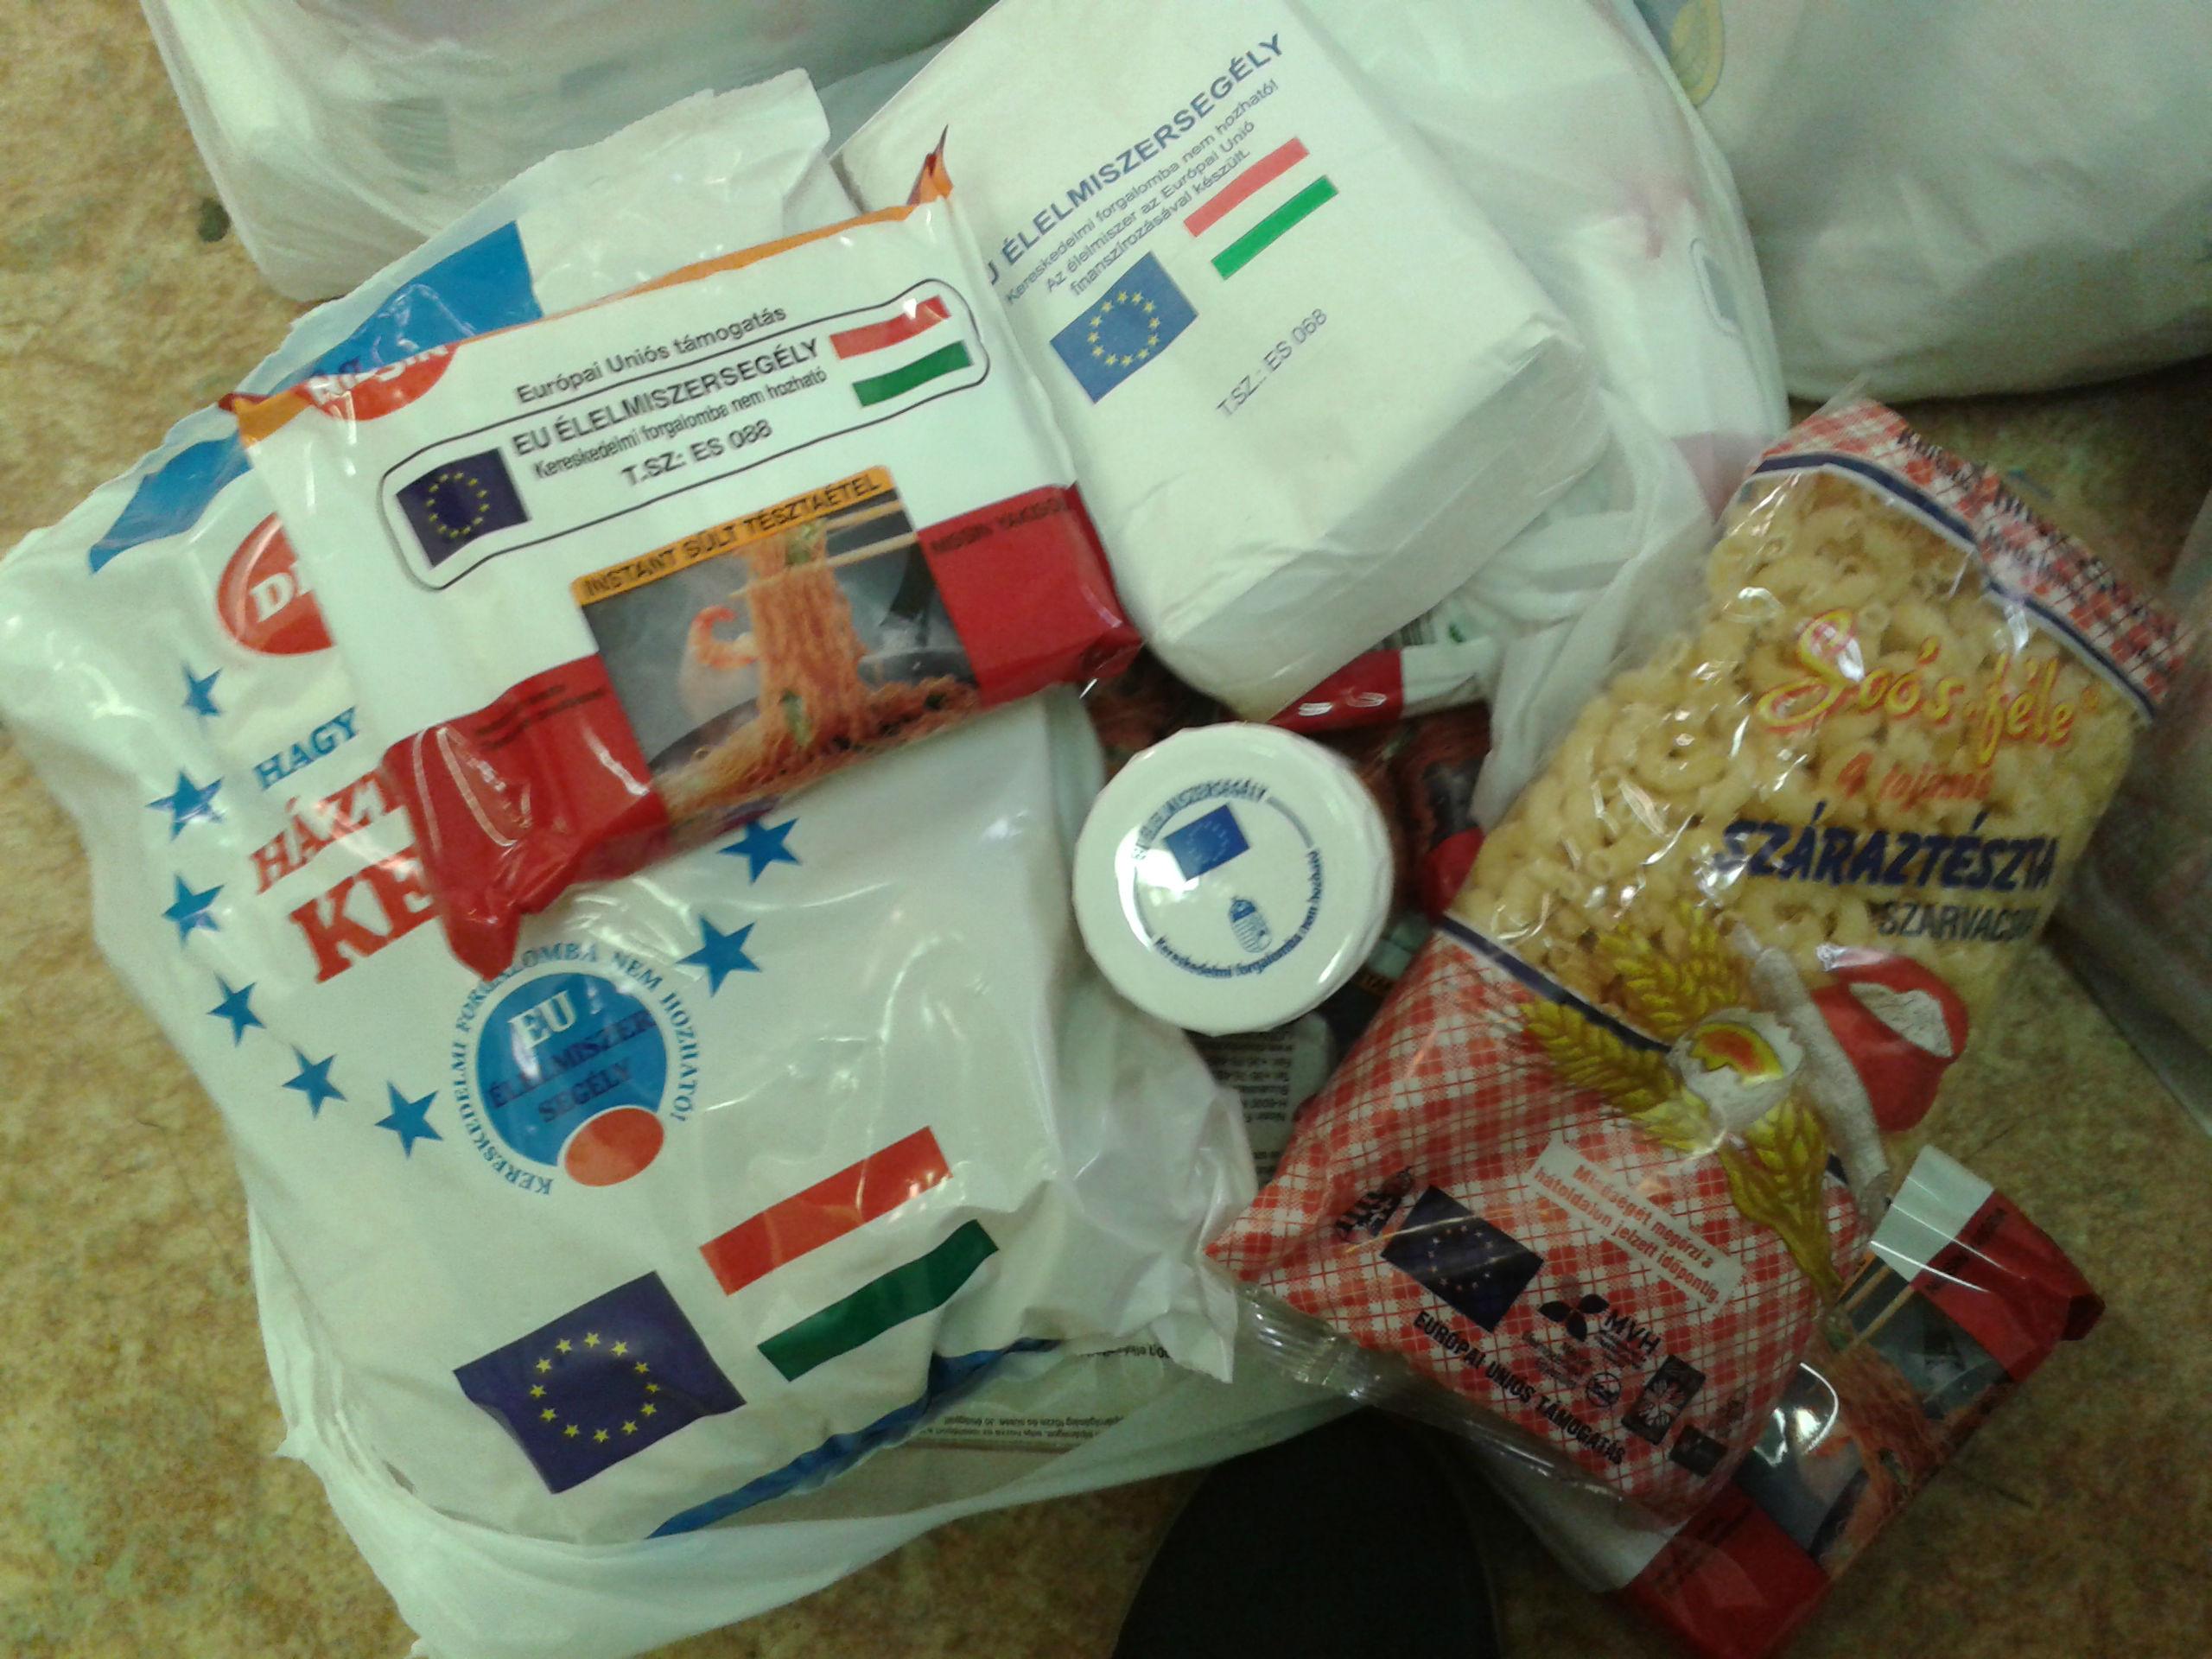 élelmiszersegély csomag.jpg